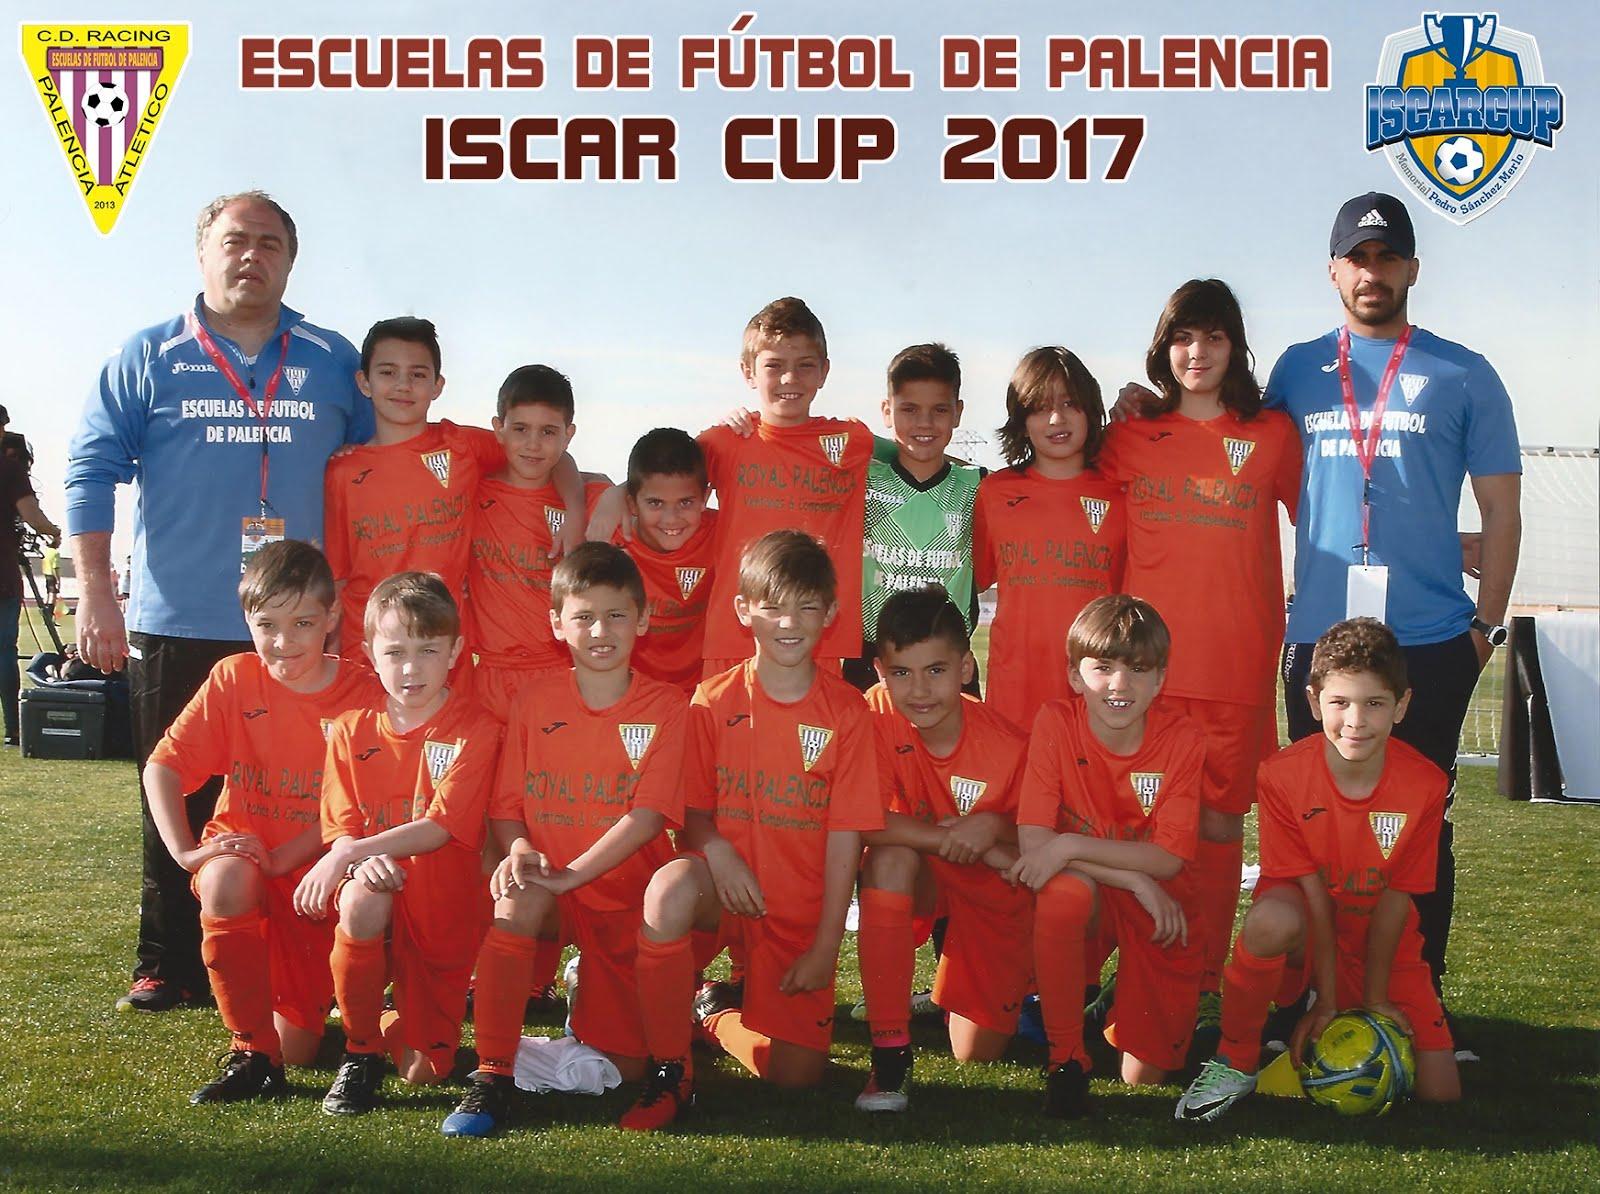 ISCAR CUP 2017 - HACIENDO HISTORIA